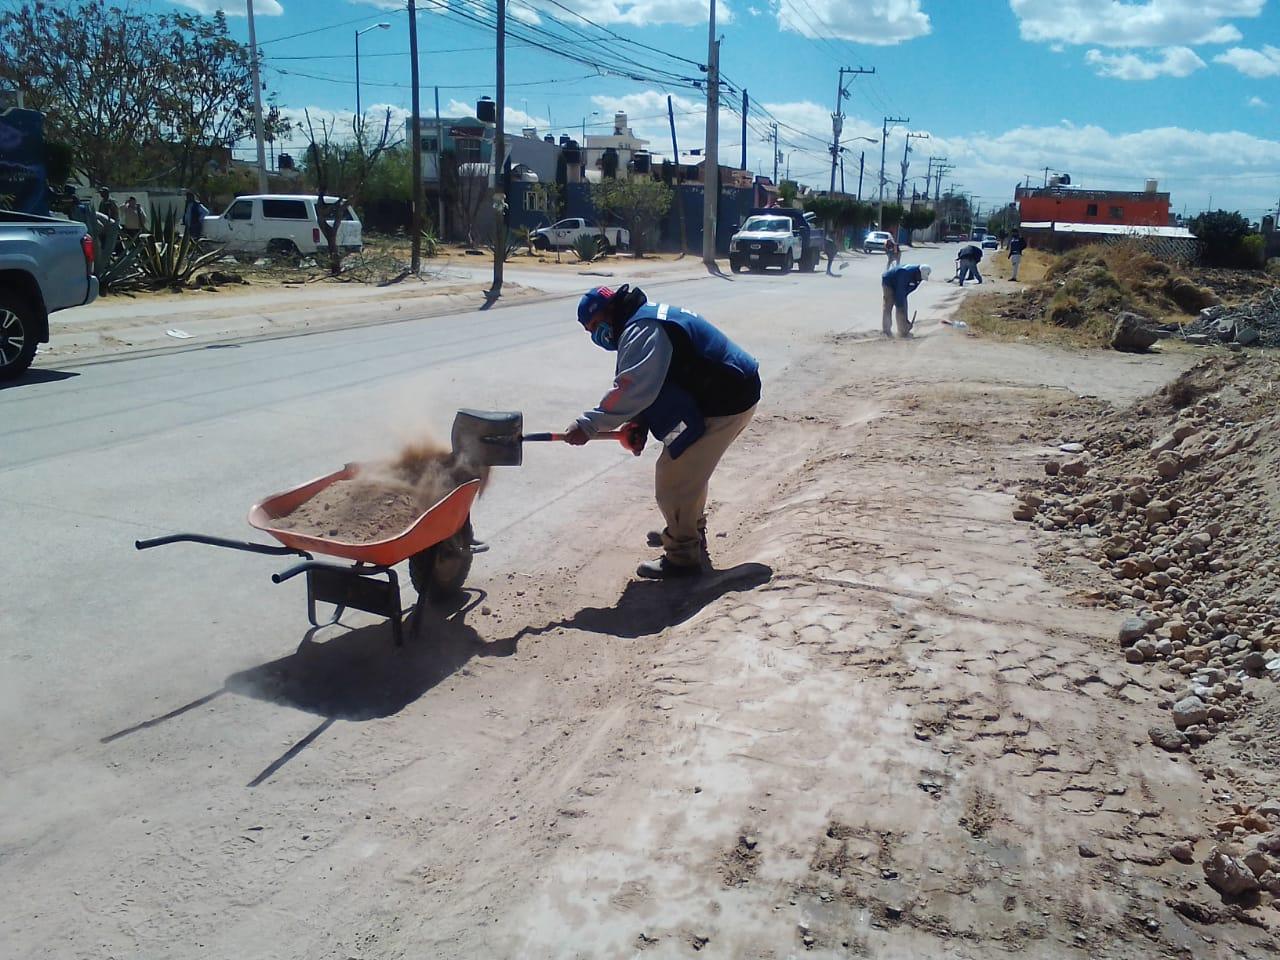 Limpieza de espacios públicos, una tarea diaria de Servicios Básicos